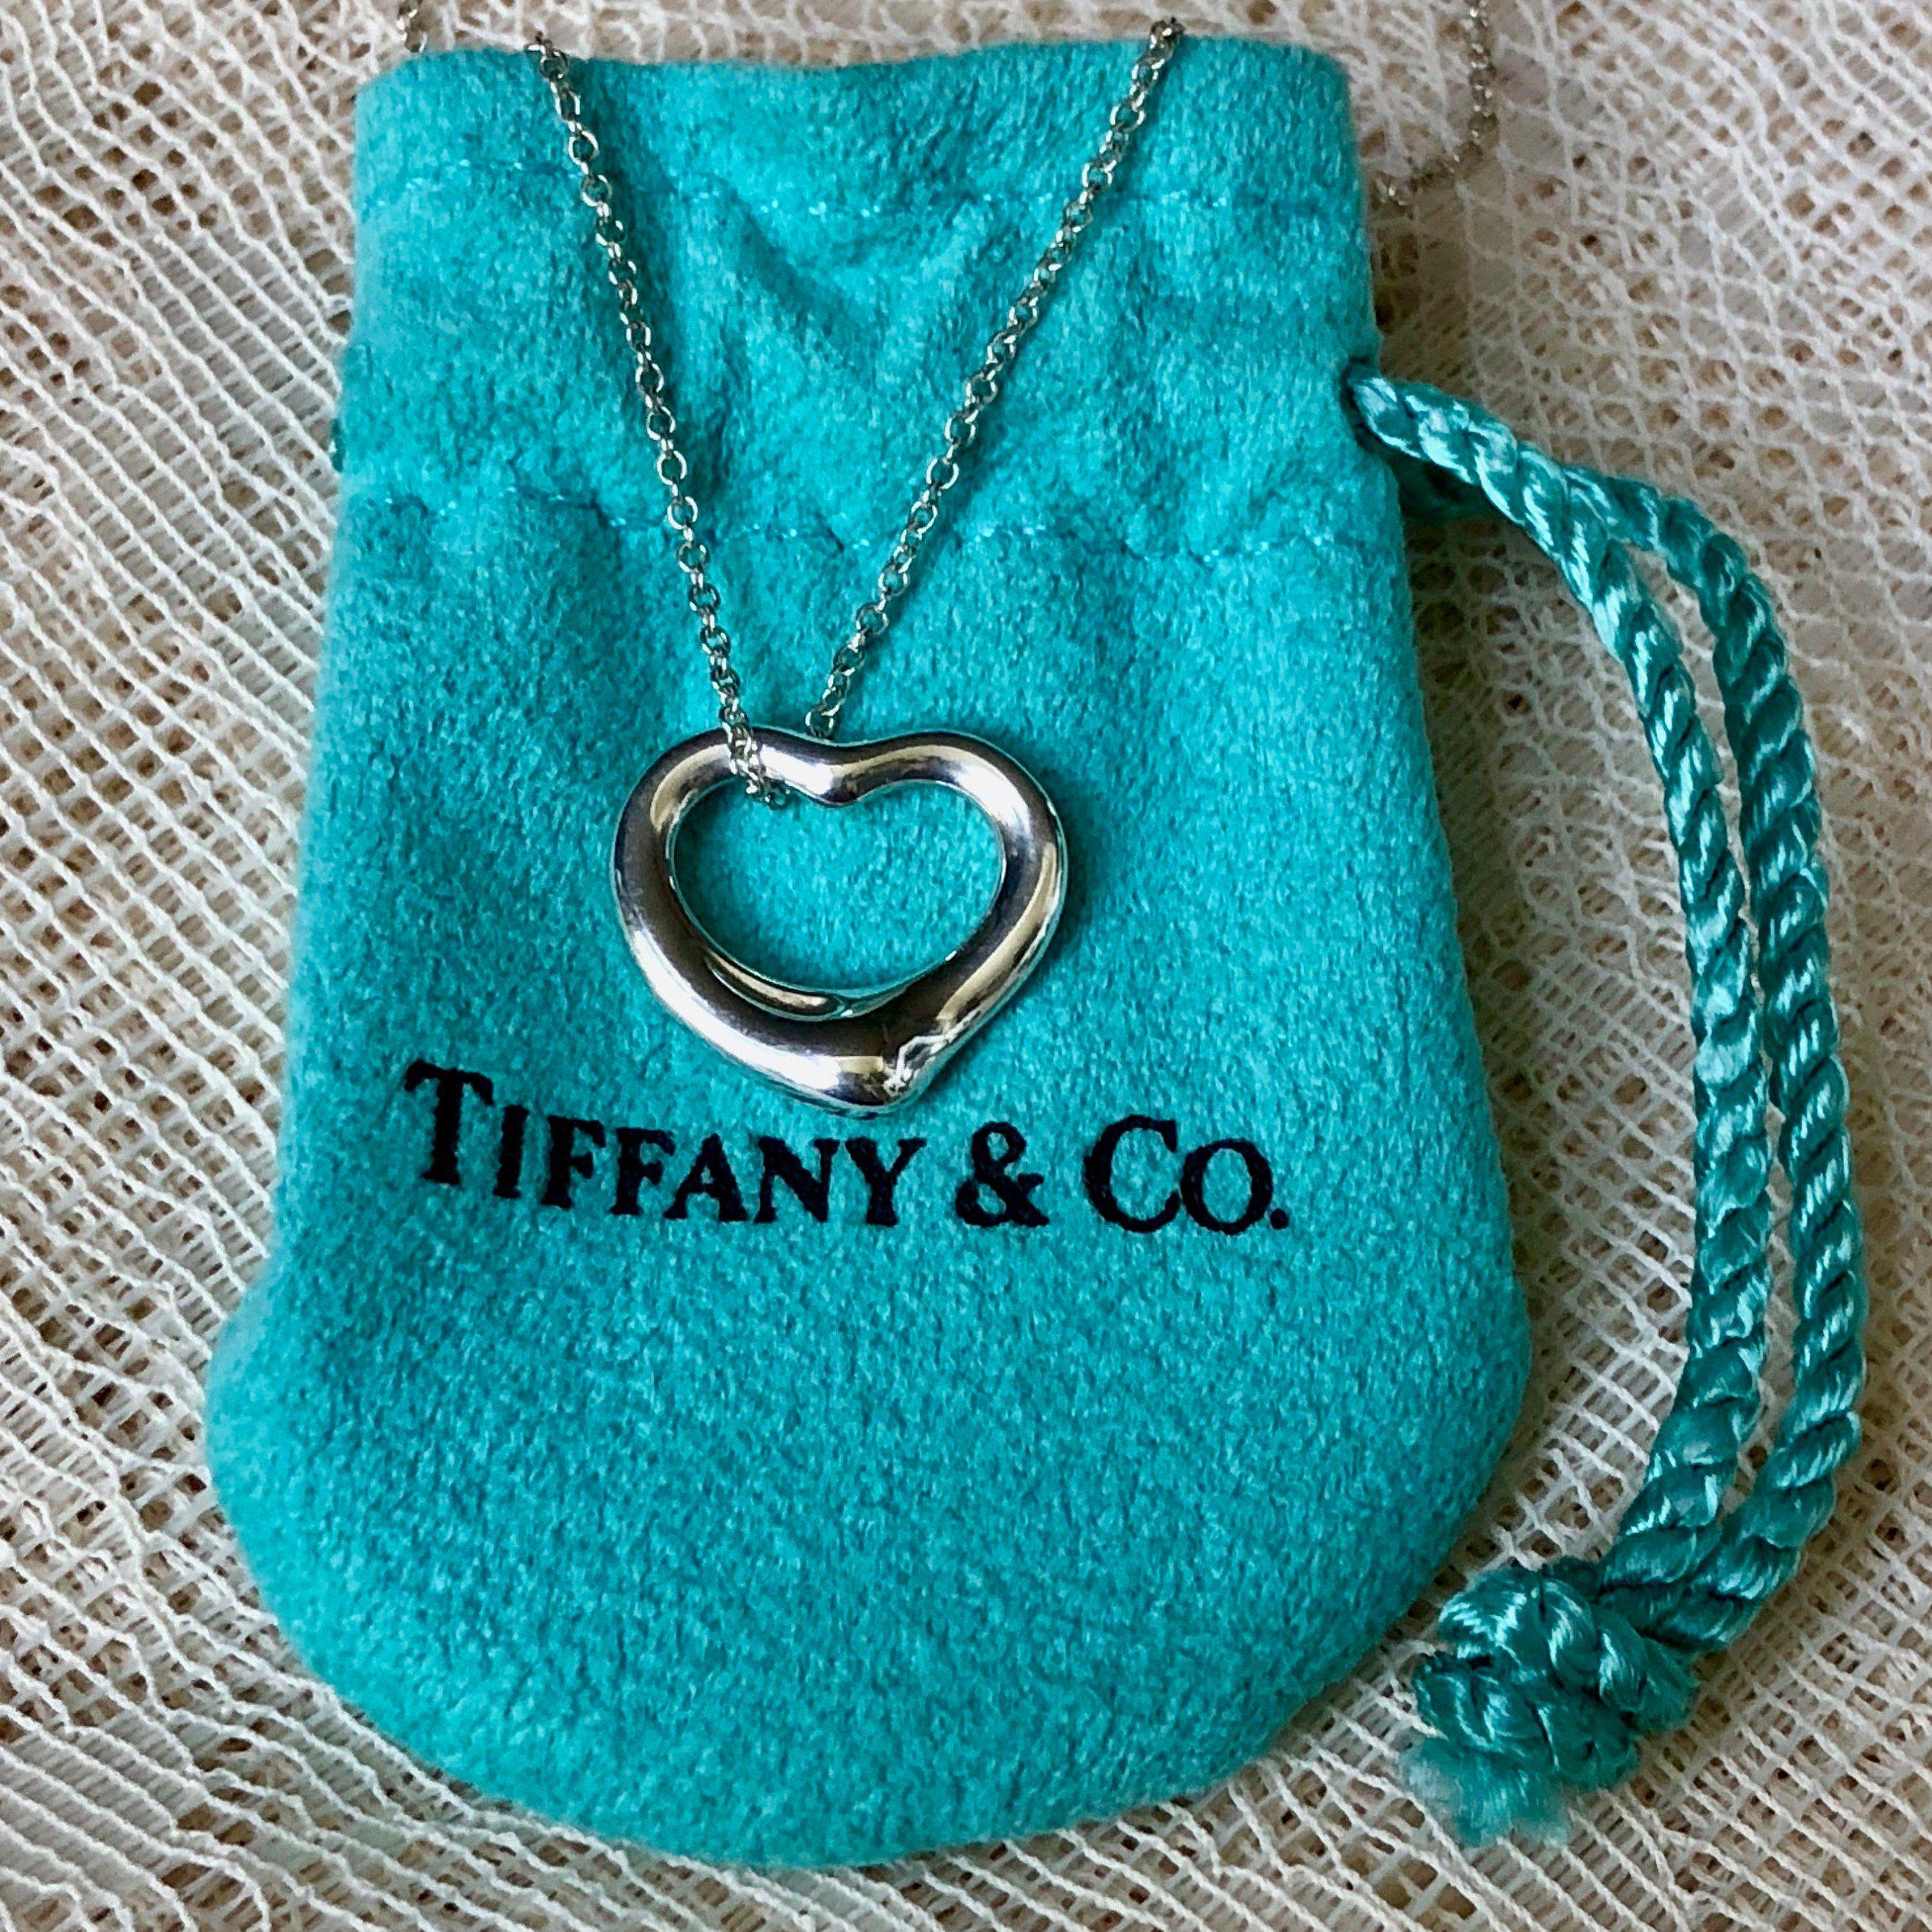 Estate tiffany necklace pendant signed elsa peretti open